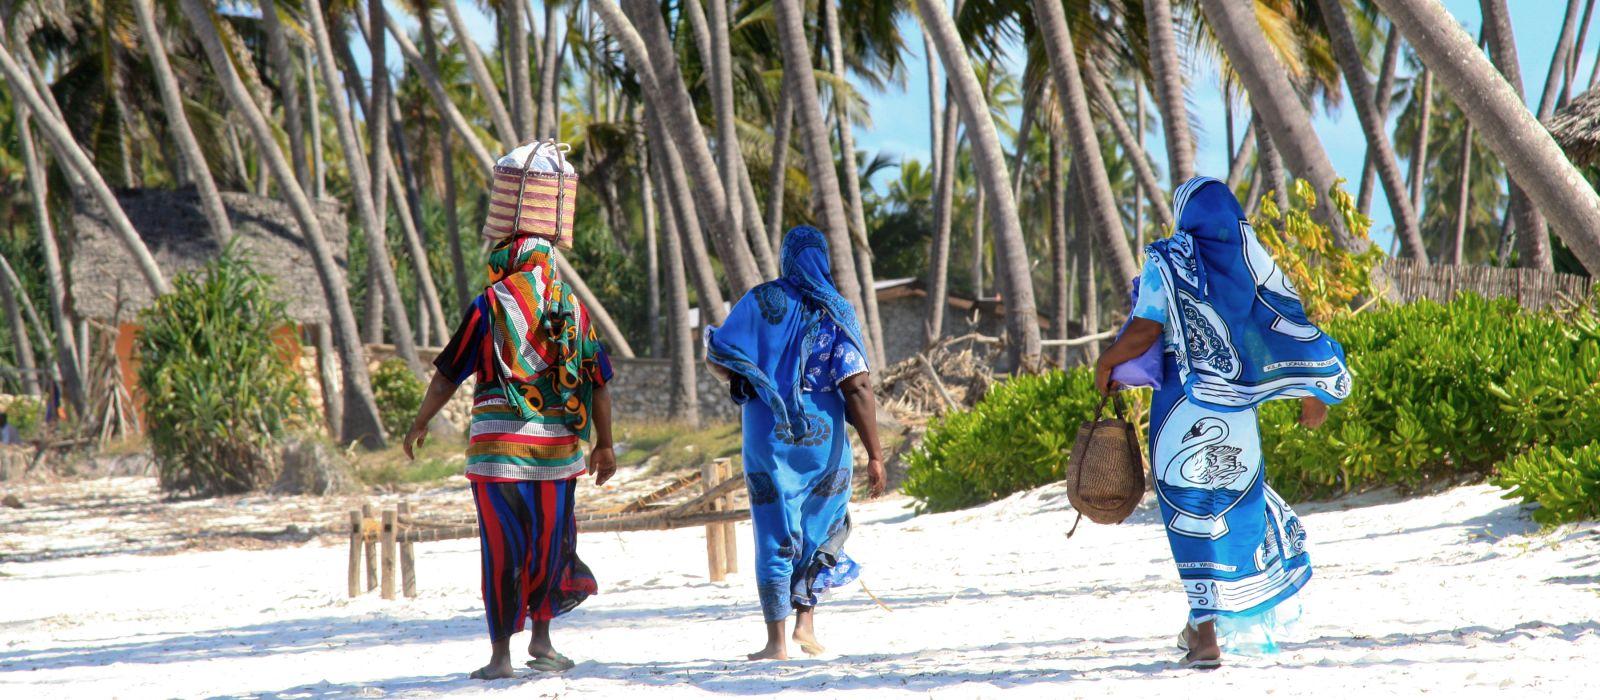 Sansibar Frauen am sandigem Strand, Tansania, Afrika